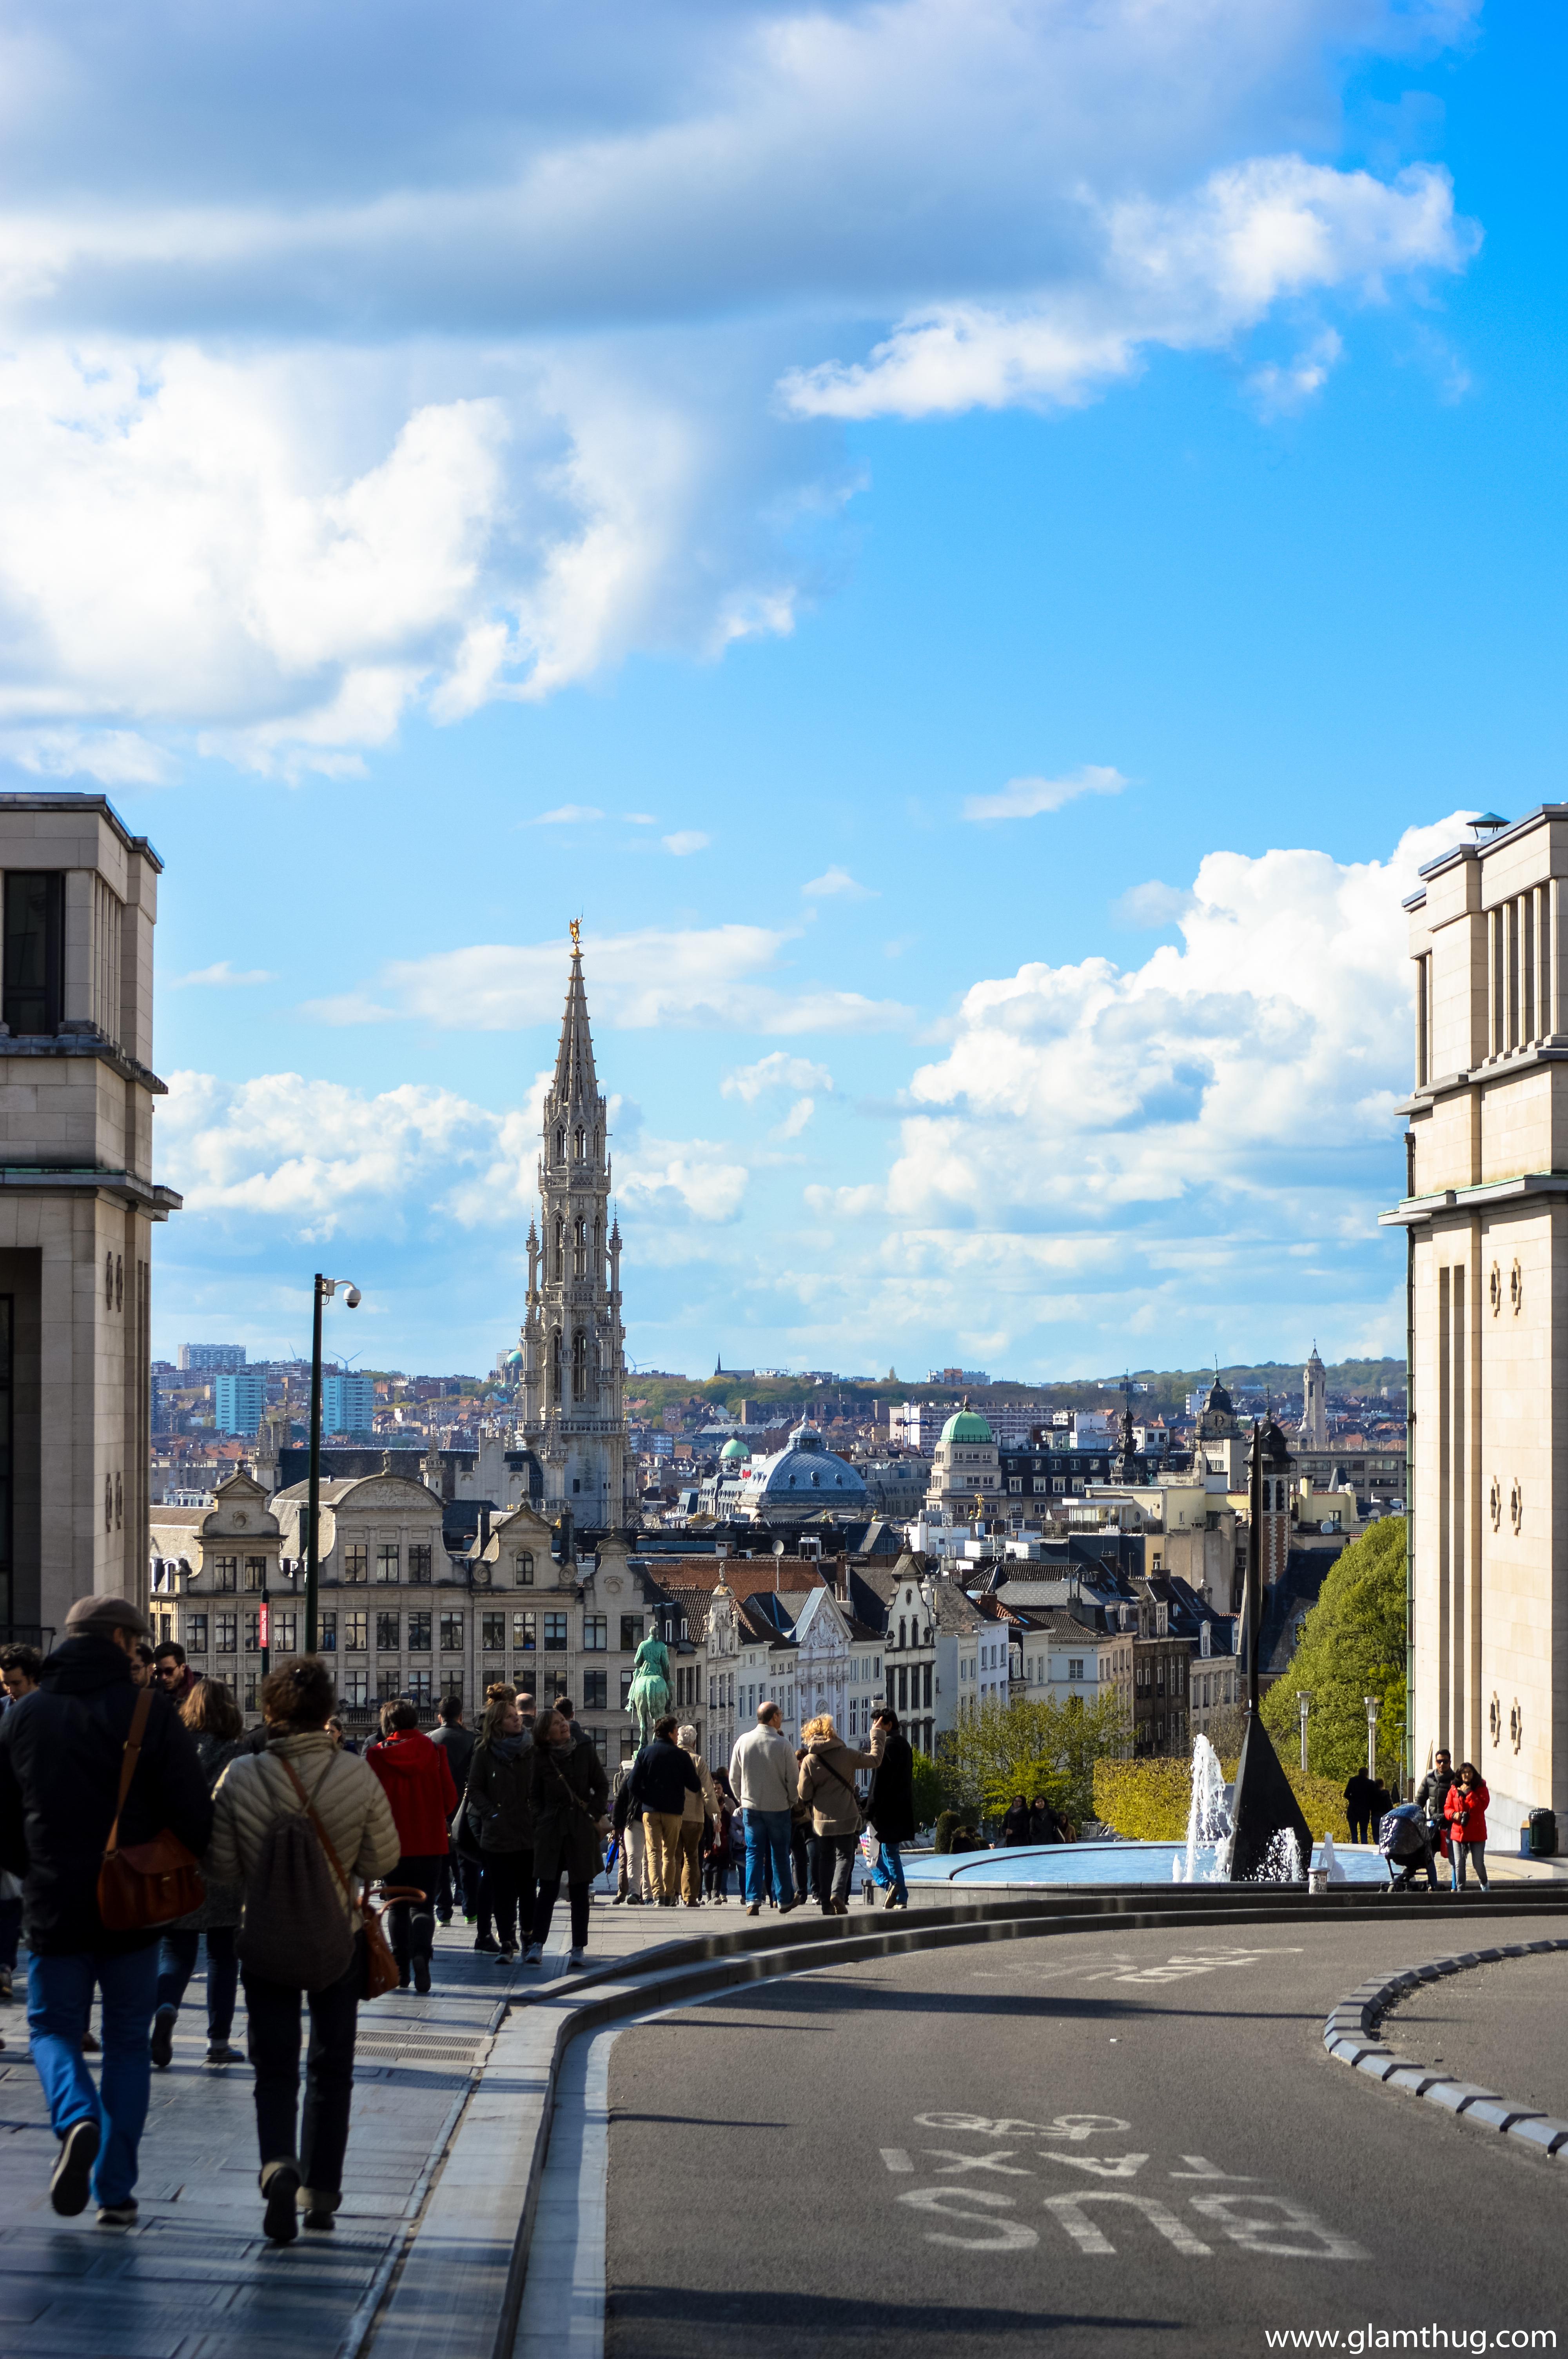 monts des arts,beautiful places in bruxelles,visit europe blog